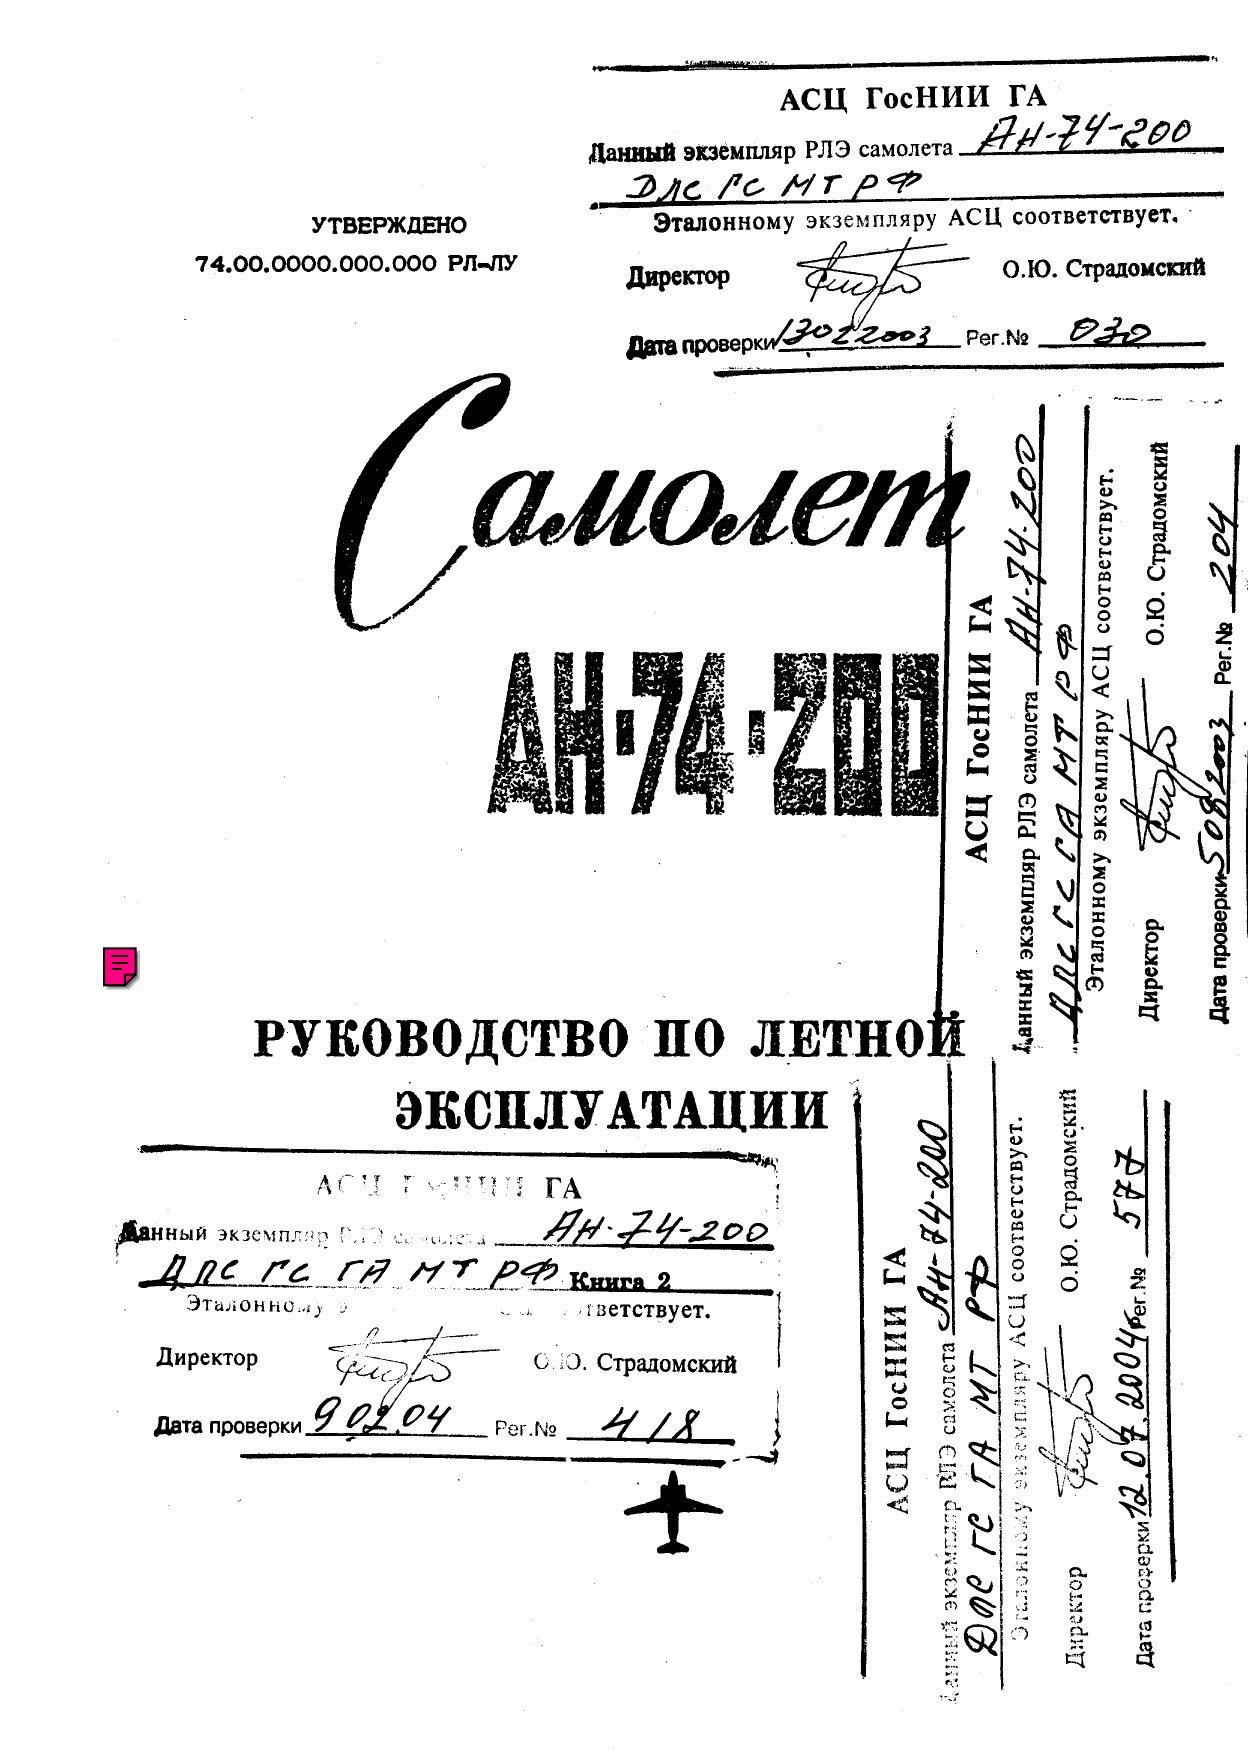 Обложка книги Самолет Ан-74-200. Руководство по летной эксплуатации. Книга 2 (Страдомский О.Ю.)